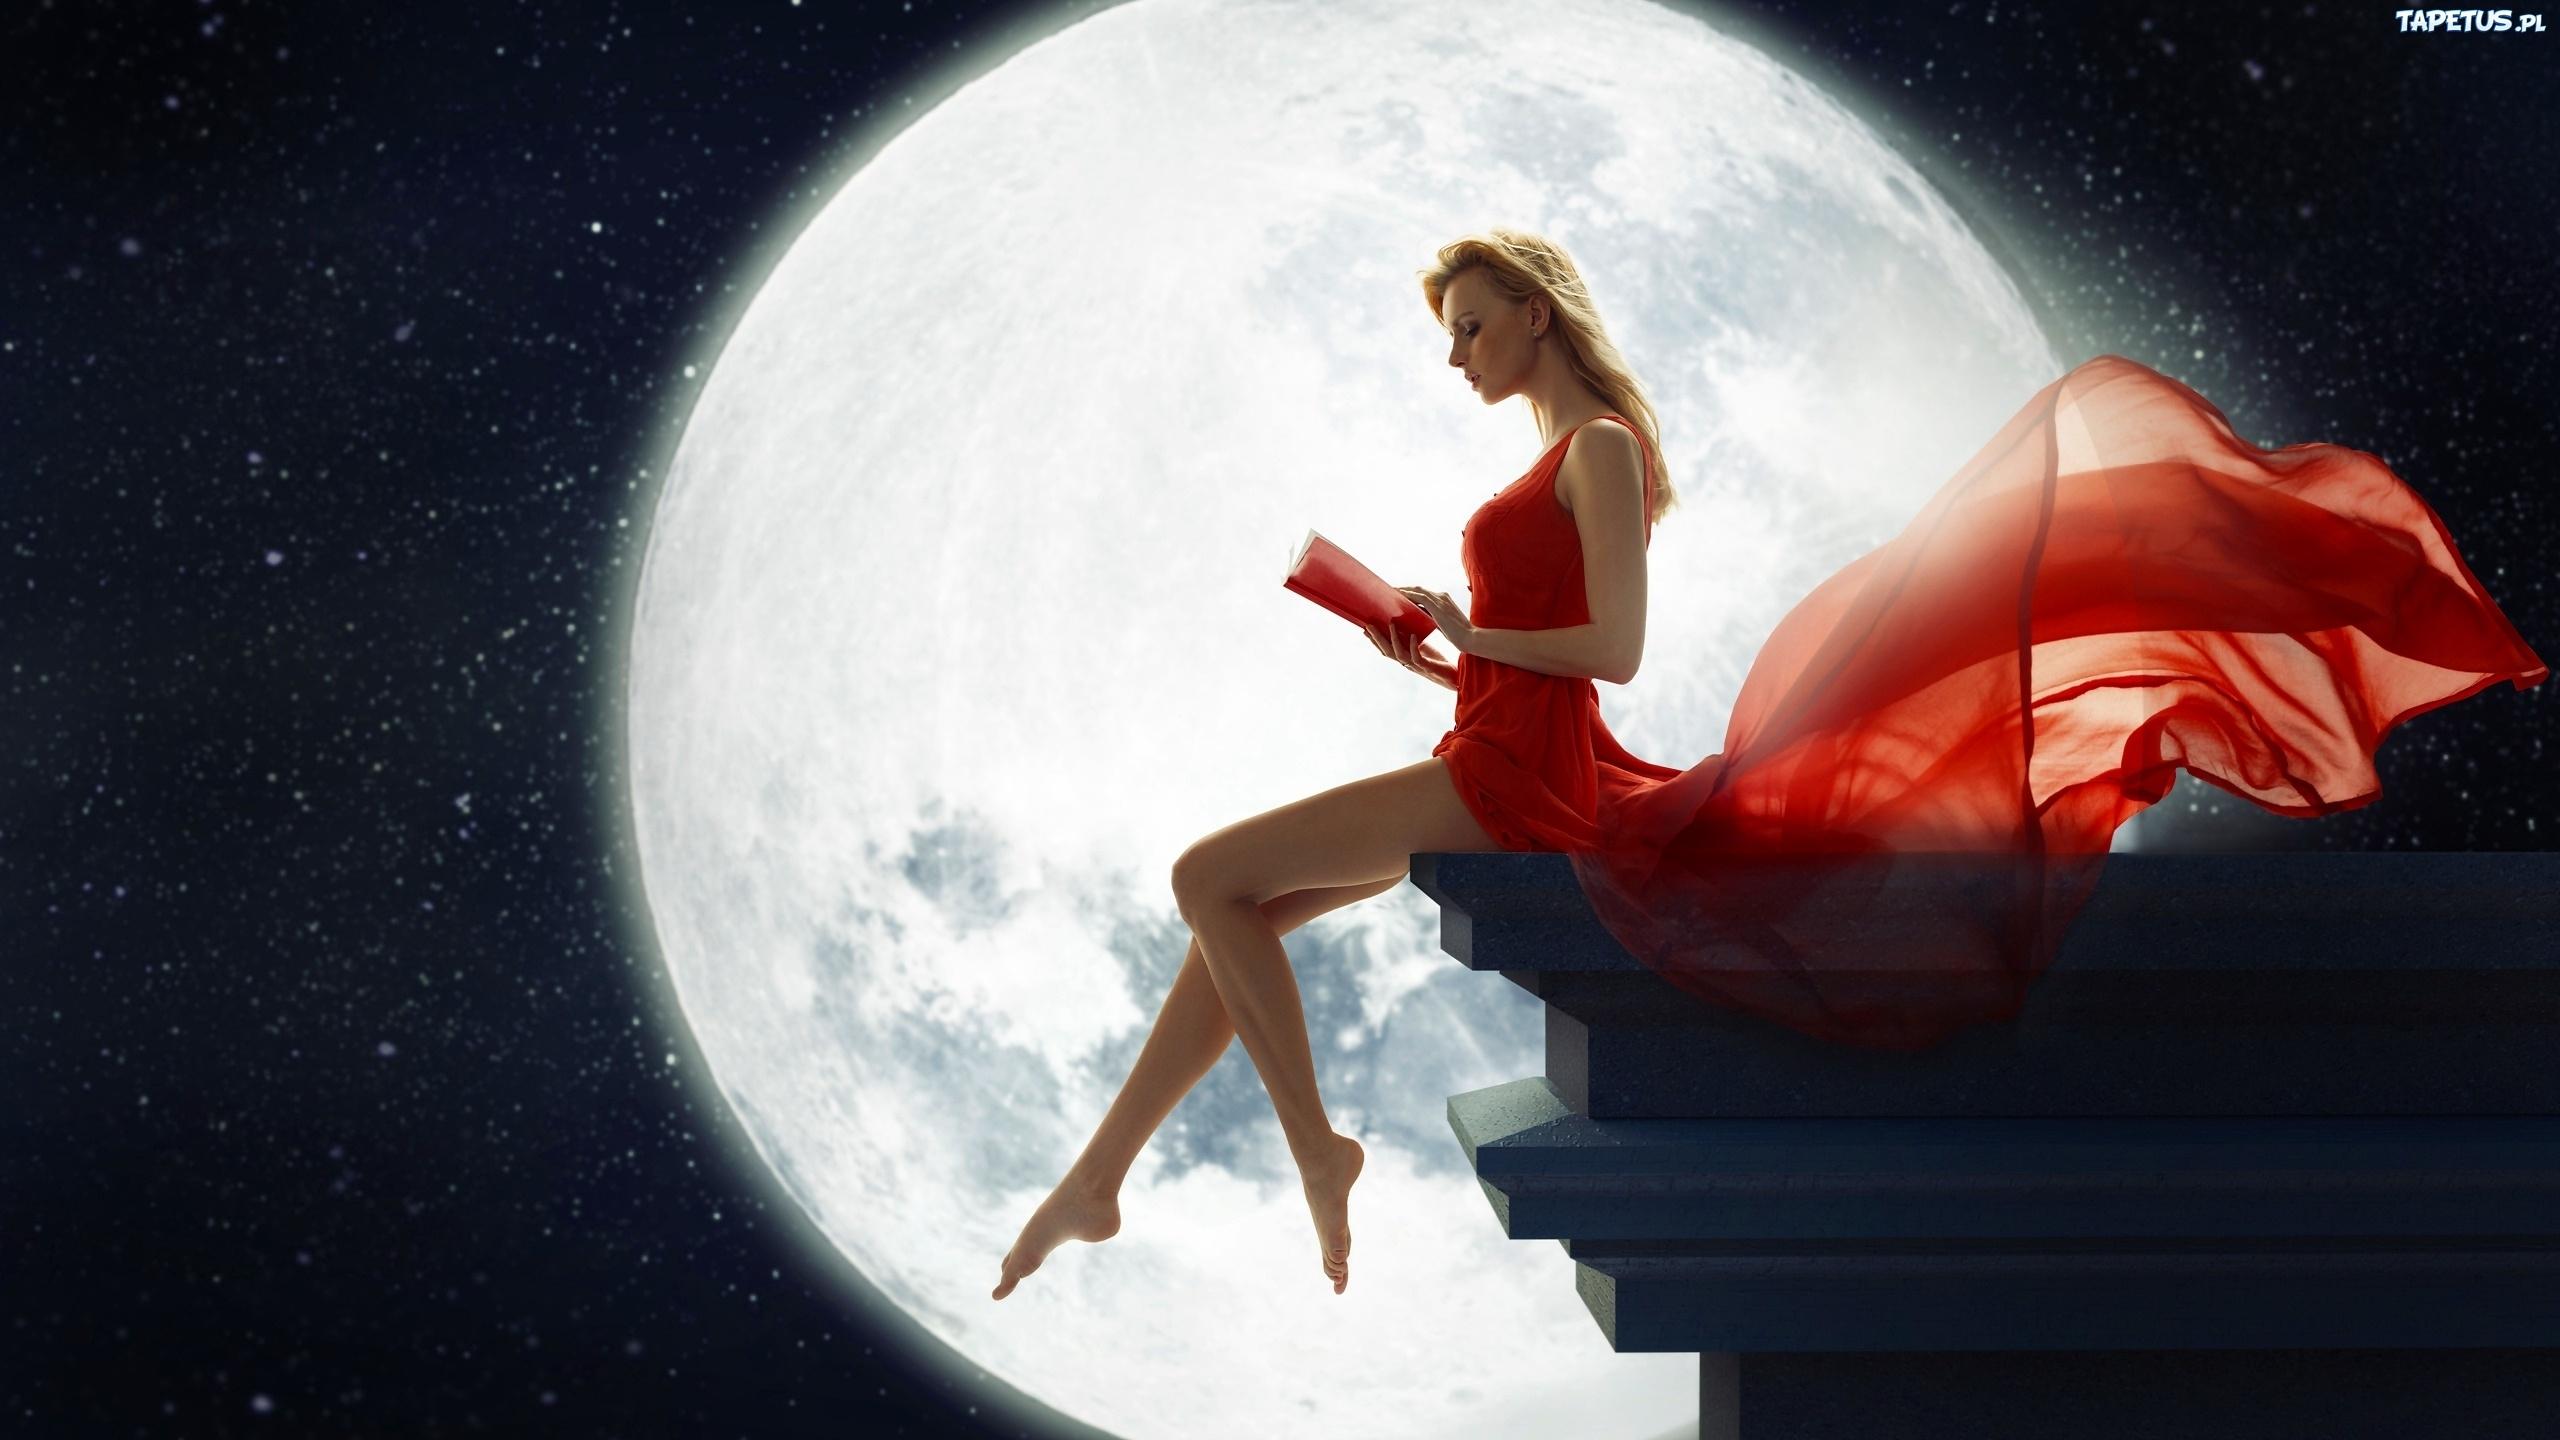 Grafika, Księżyc, Kobieta, Czerwona, Sukienka, Książka